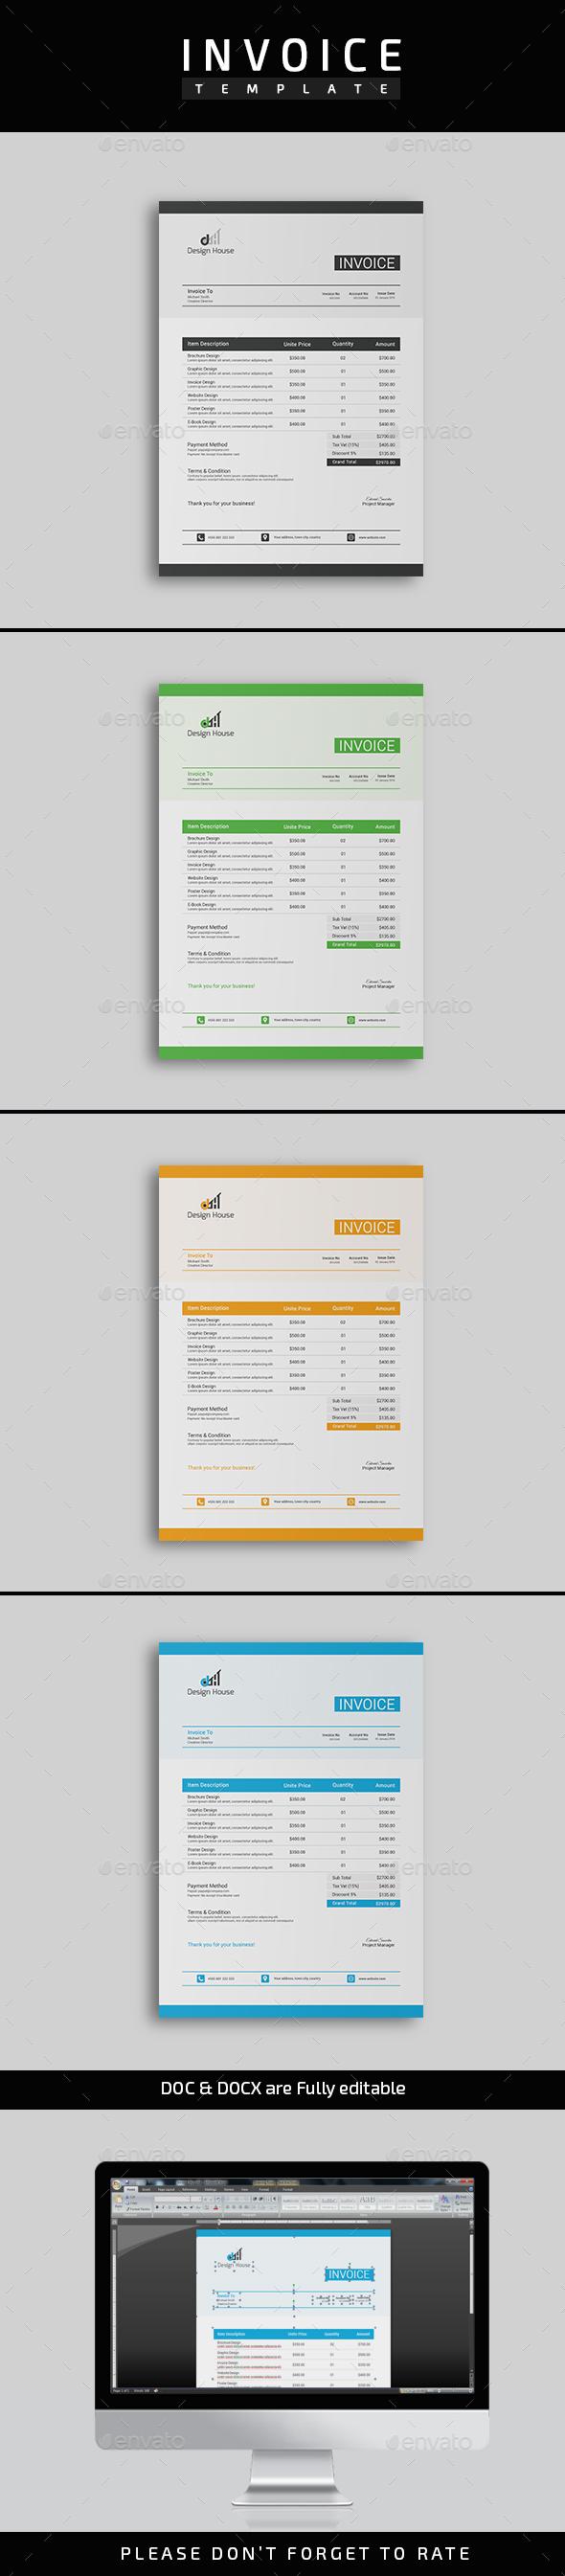 GraphicRiver Invoice 20915766